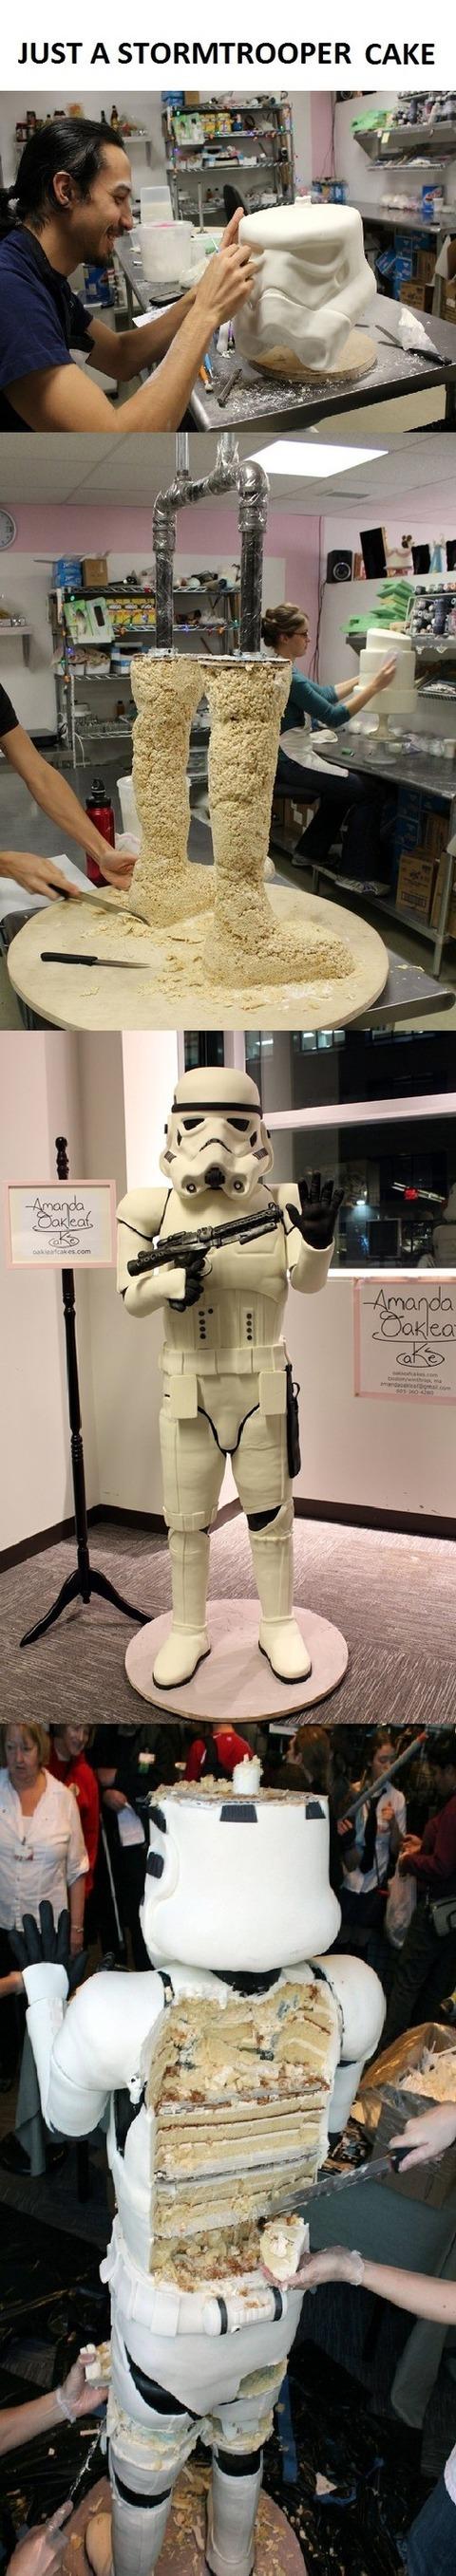 stormtrooper-cake.jpg #provestra